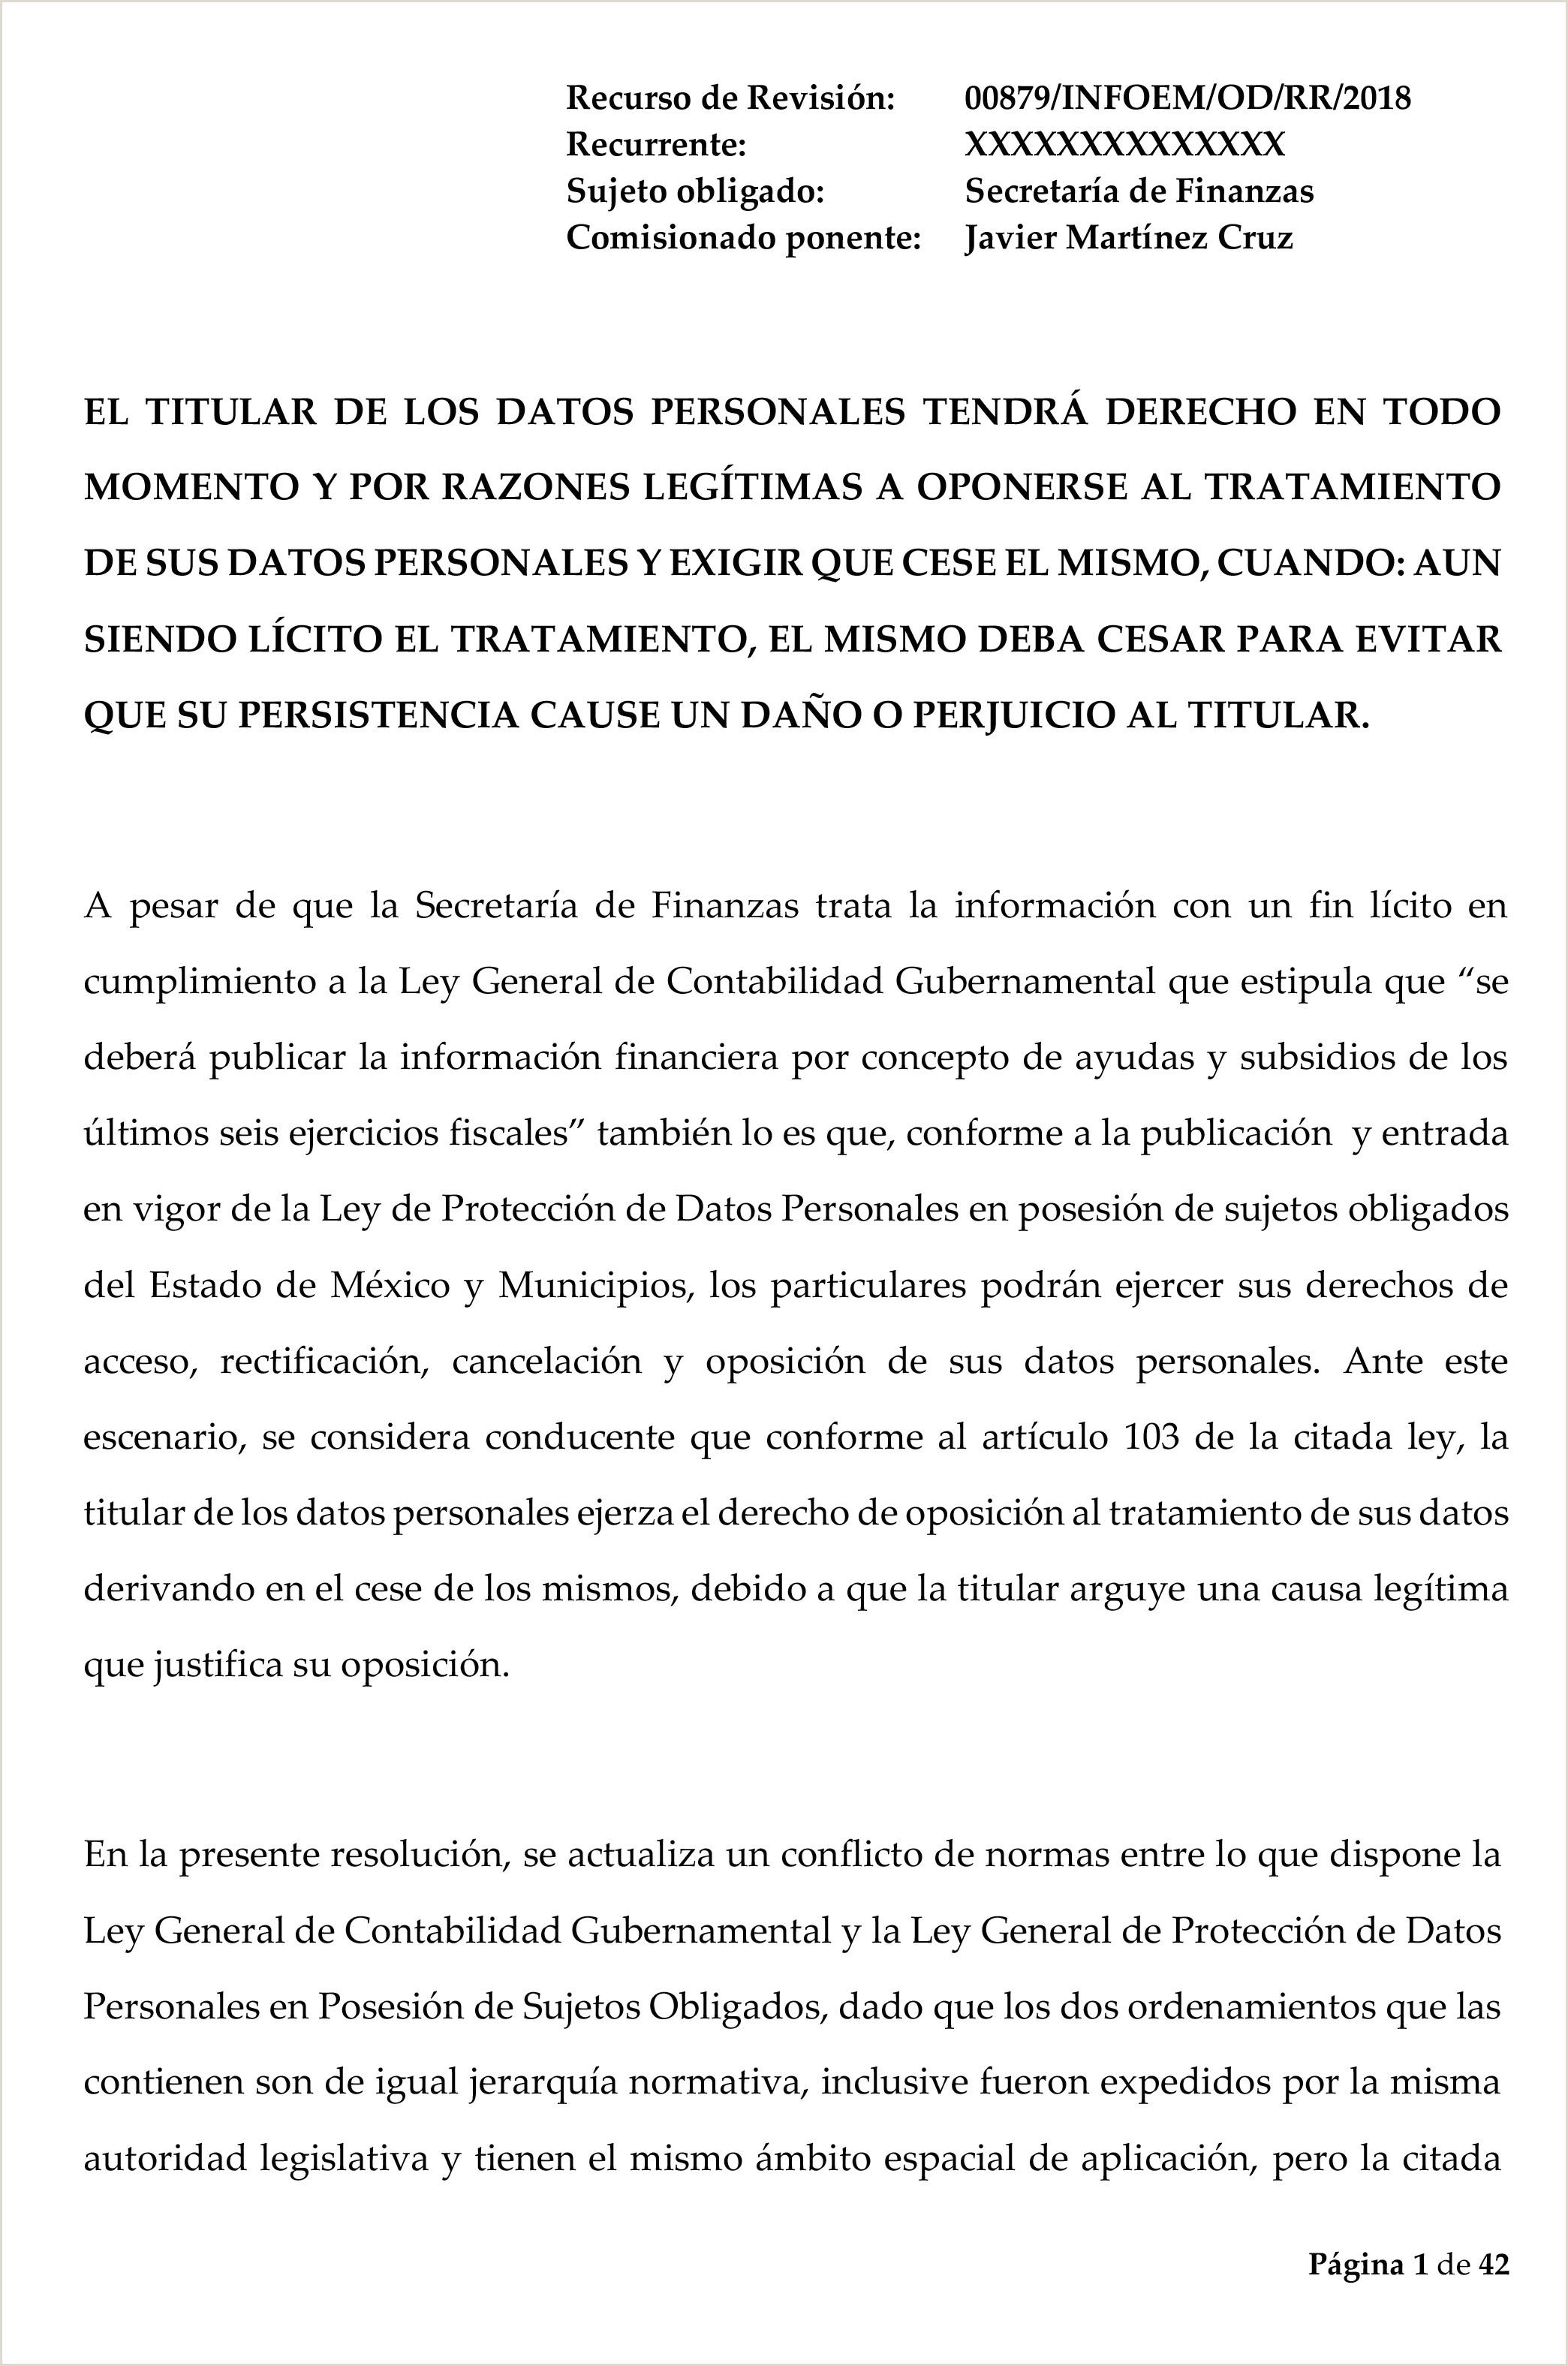 Formato De Hoja De Vida Para Judicatura Instituto Veracruzano De Acceso A La Informaci³n Y De